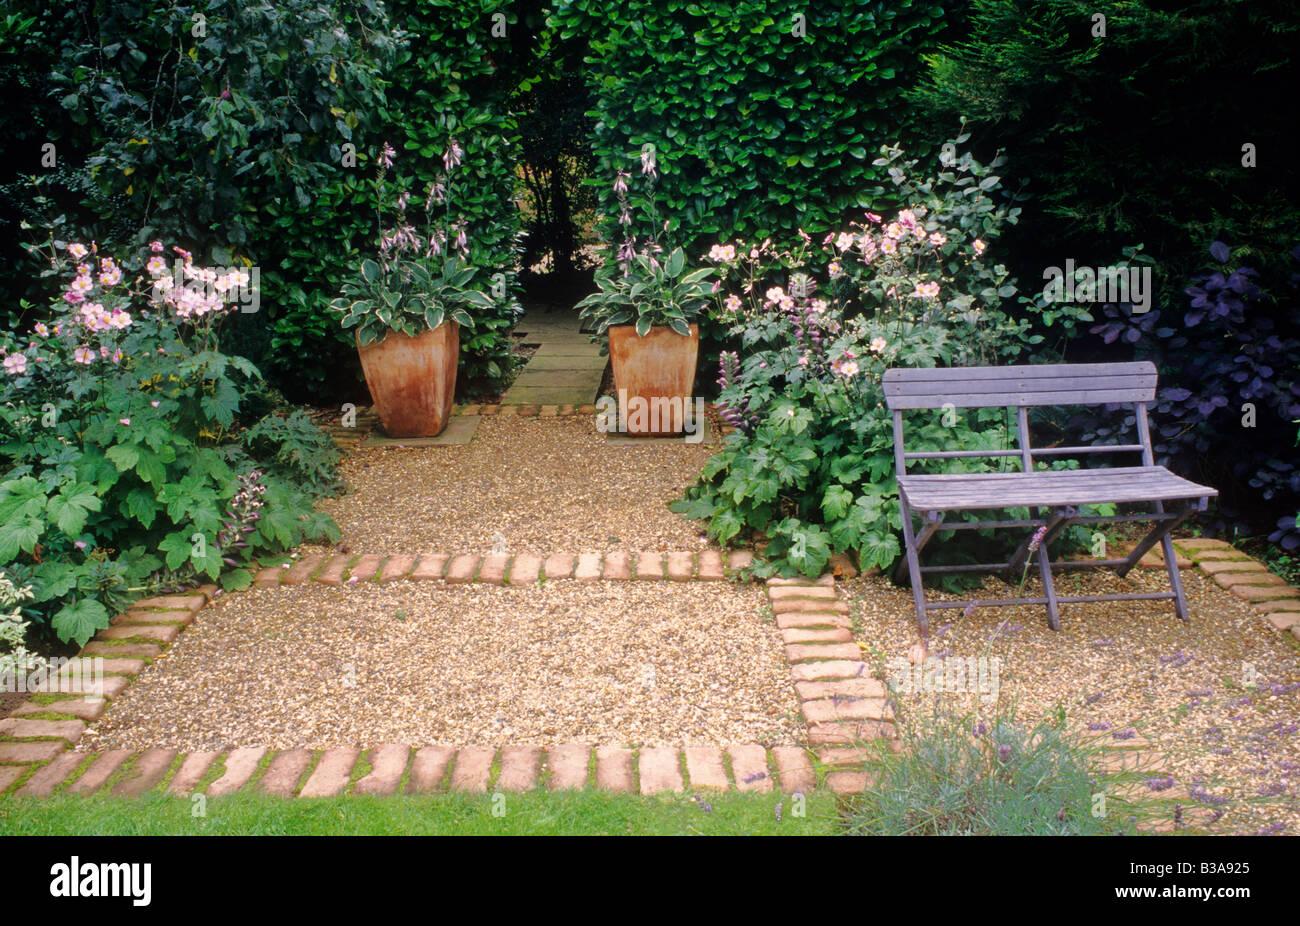 les semoirs en terre cuite avec hosta chemin de gravier en briques peint bleu banc salon de. Black Bedroom Furniture Sets. Home Design Ideas